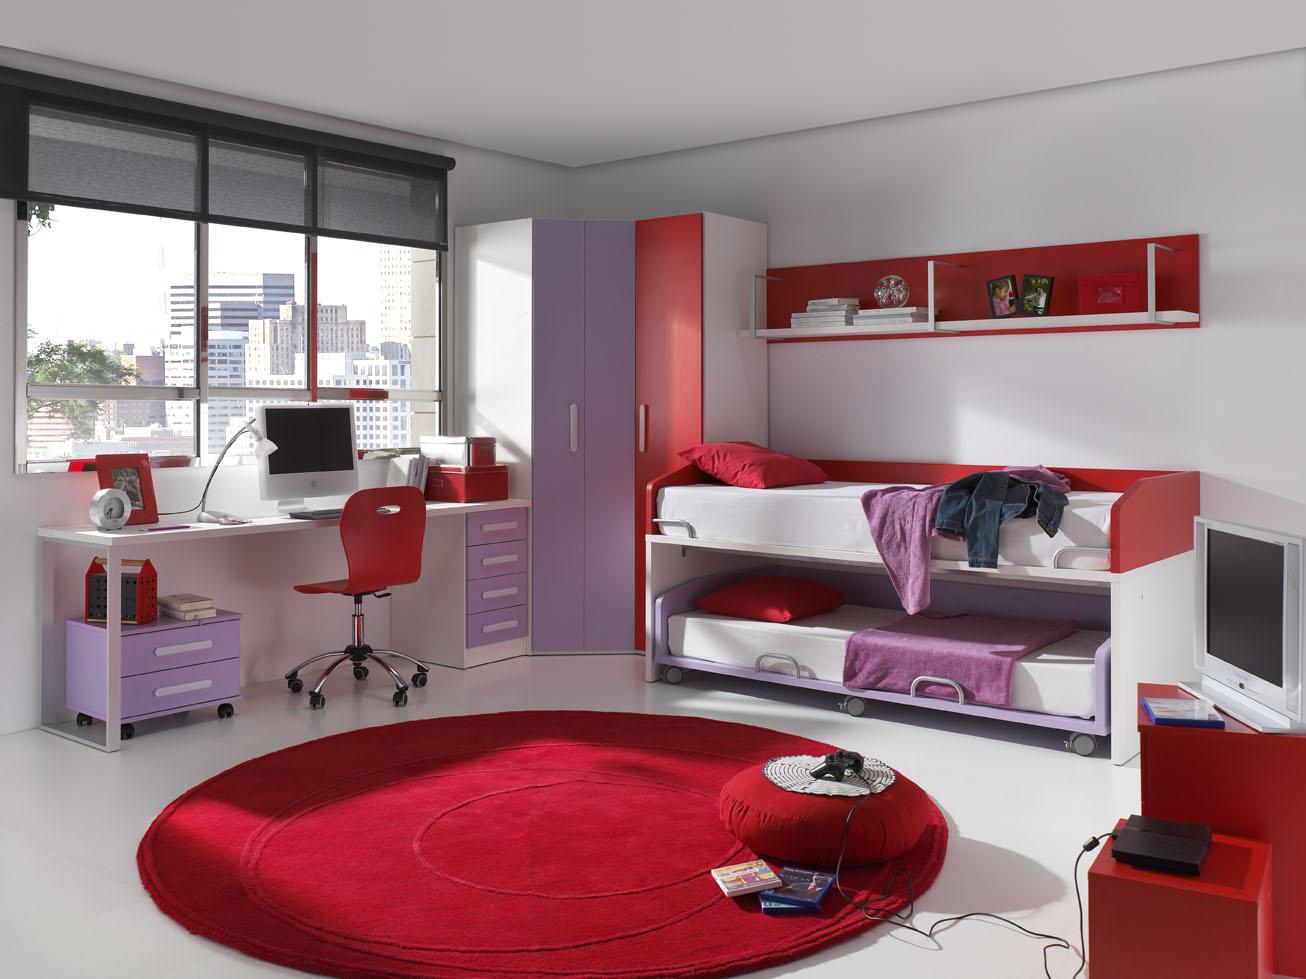 Dormitorios hermosos - Decoracion habitacion moderna ...